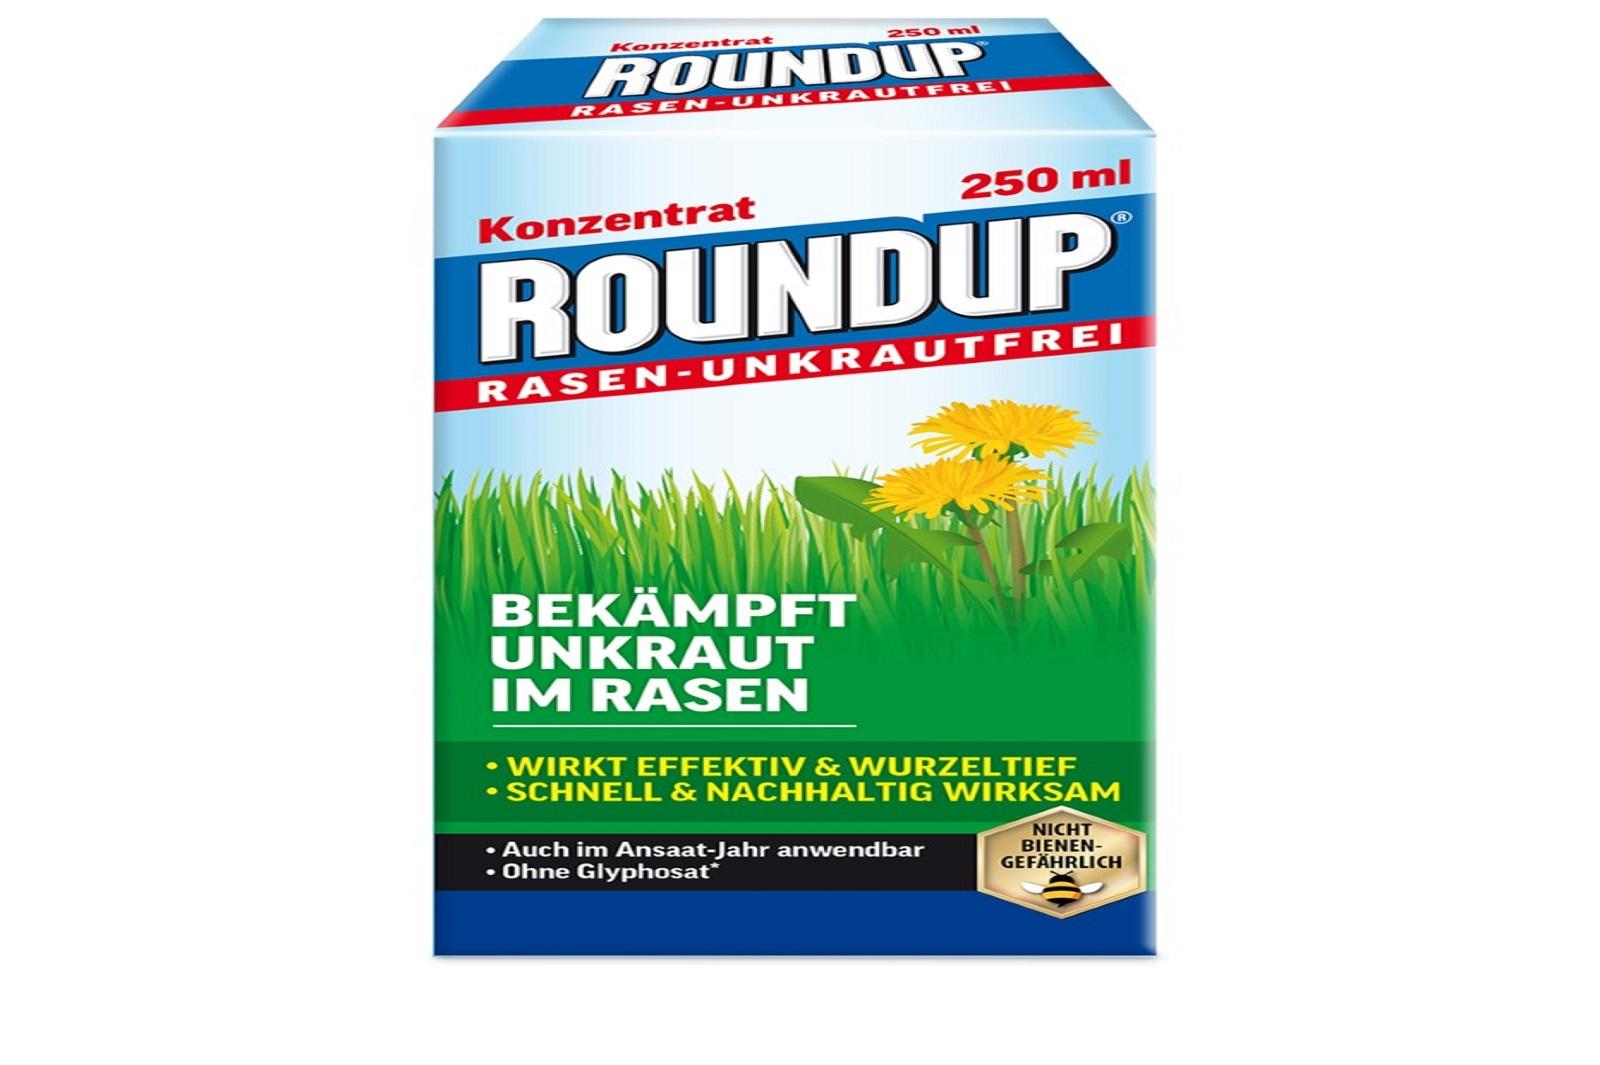 Round up Rasen Unkrautfrei Konzentrat 250 ml